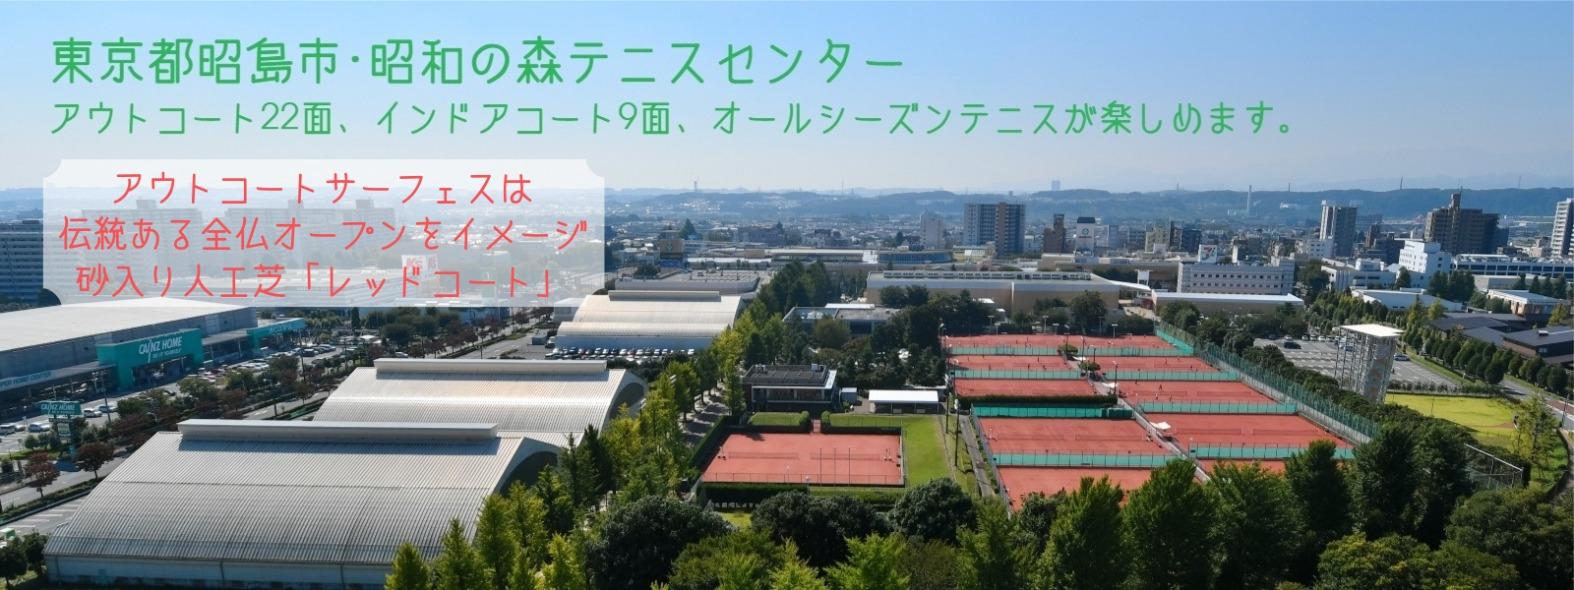 昭和の森テニスセンター(東京都昭島市) JR青梅線「昭島駅」より徒歩5分 (立川駅より4駅9分)